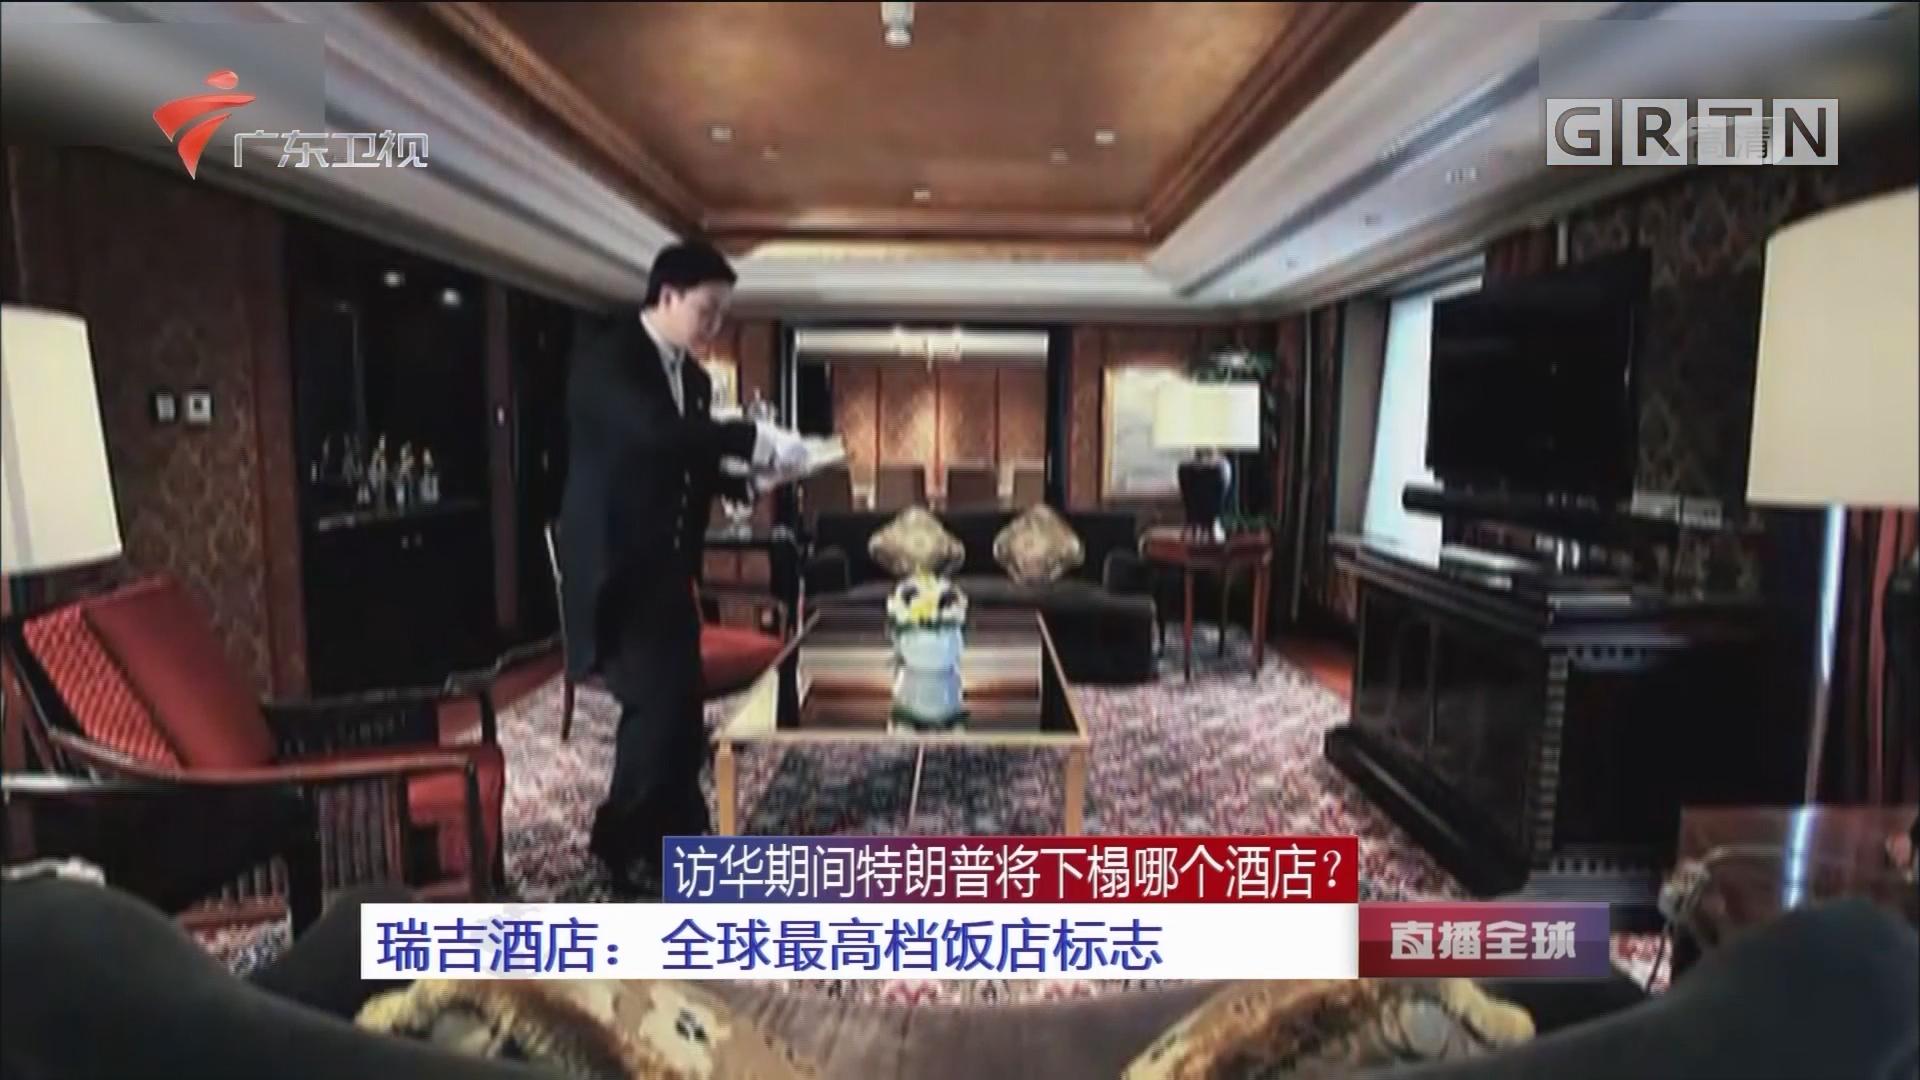 访华期间特朗普将下榻哪个酒店?瑞吉酒店:全球最高档饭店标志